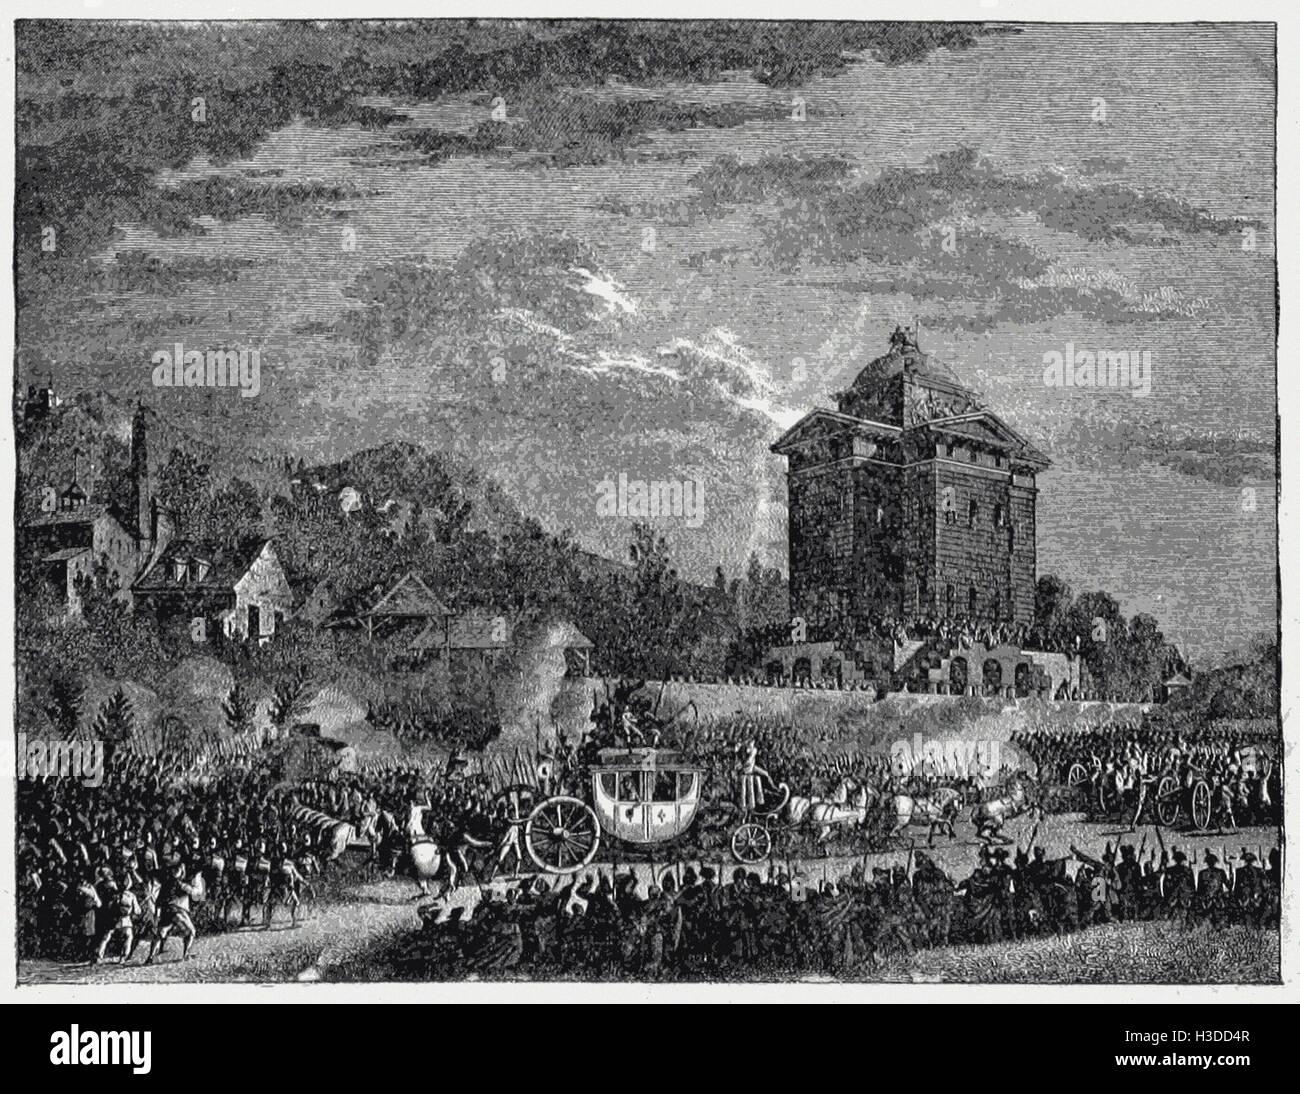 Il ritorno di Luigi XVI. Da VARENNES, Giugno 25, 179I Immagini Stock